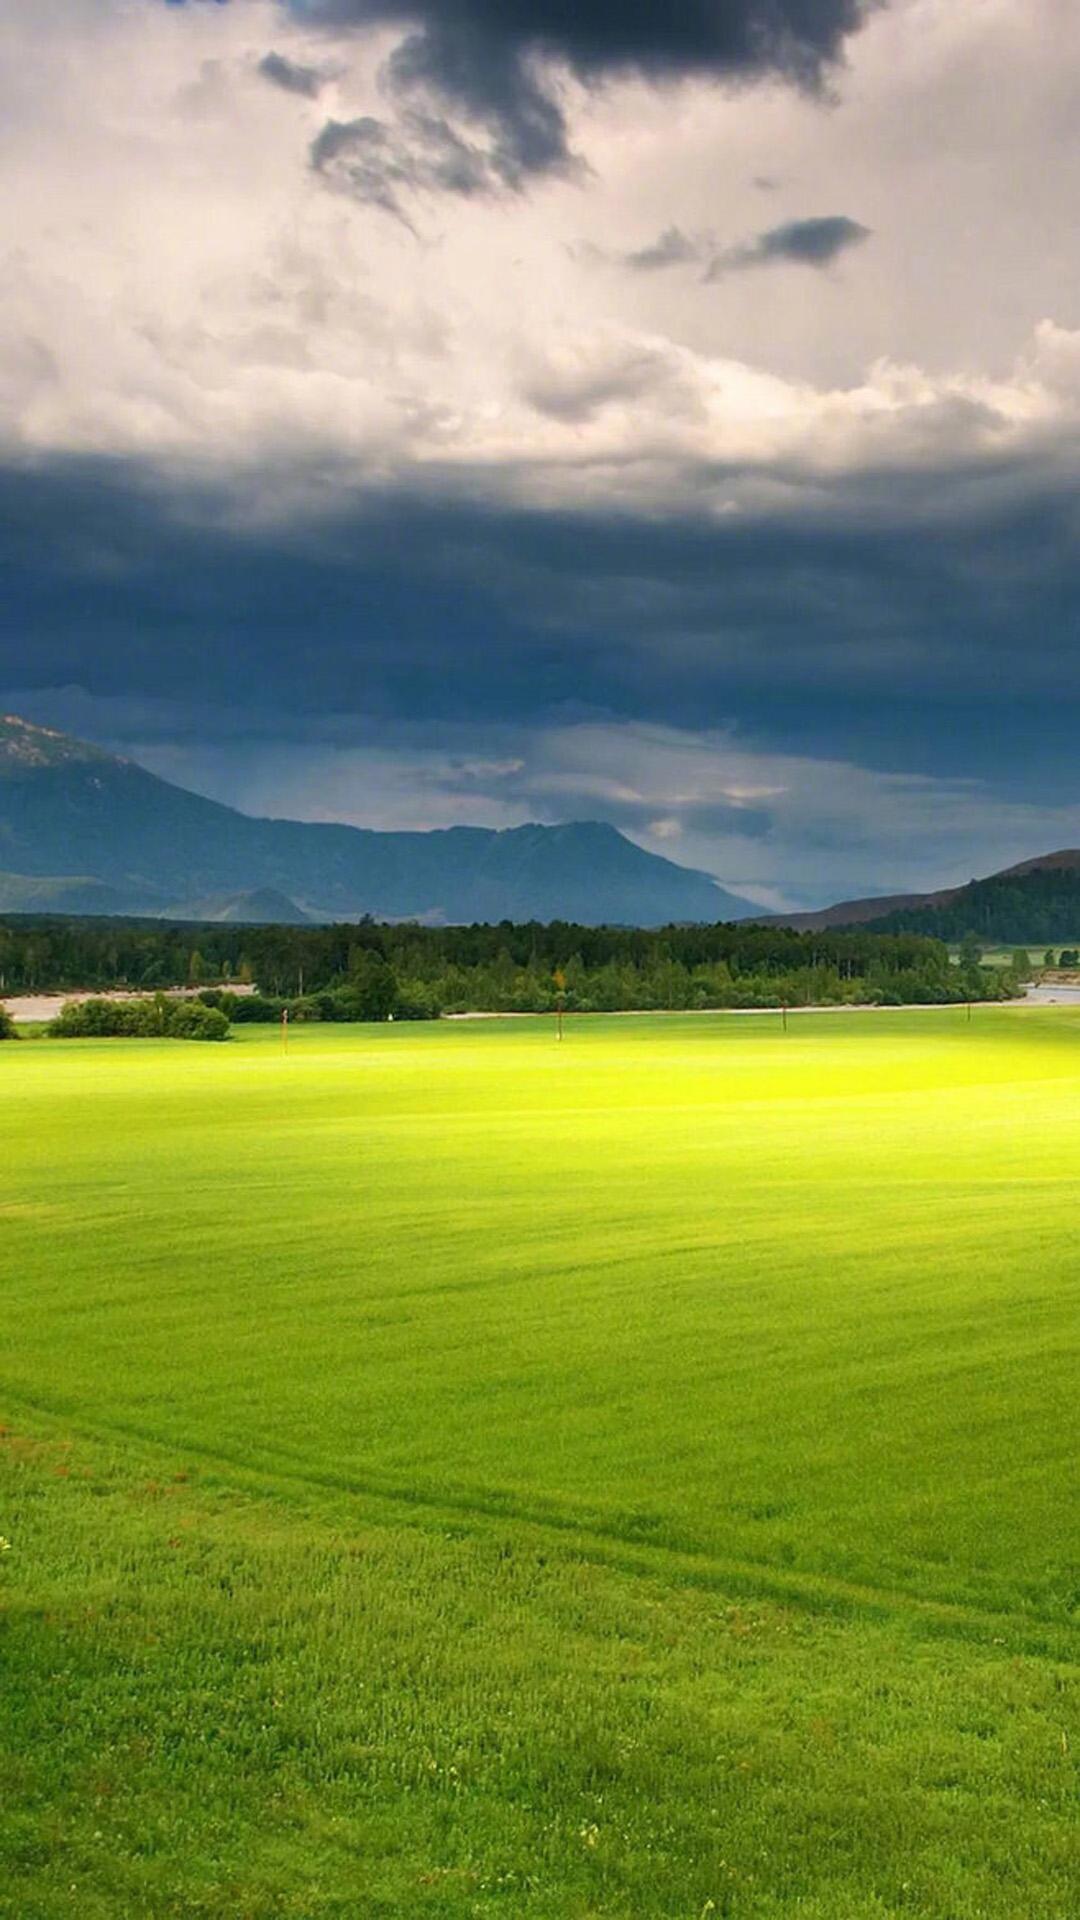 清新护眼绿色植物大自然美丽风景图片高清手机壁纸图片